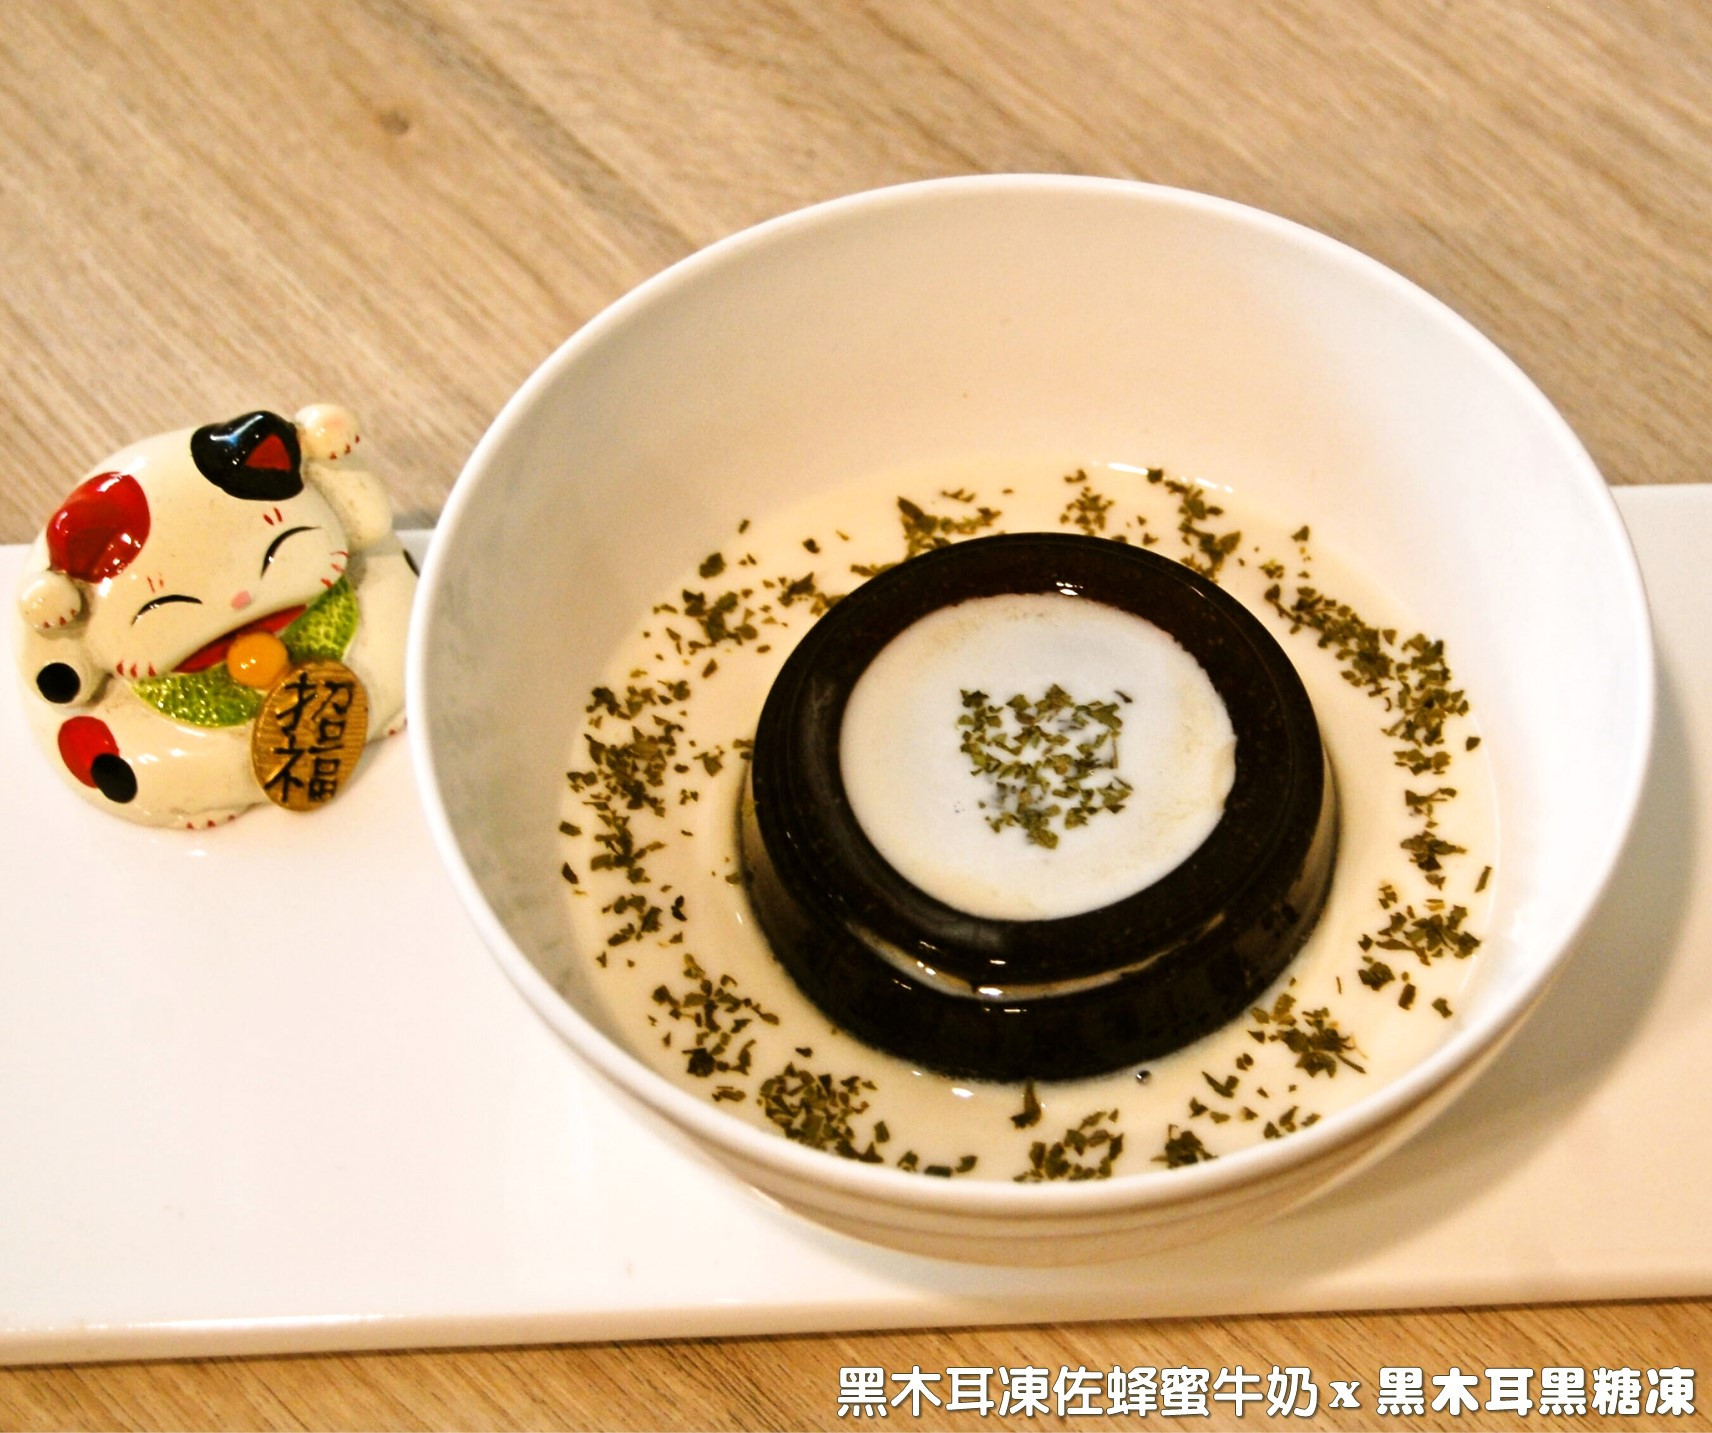 黑木耳凍佐蜂蜜牛奶.柯媽媽の植物燕窩